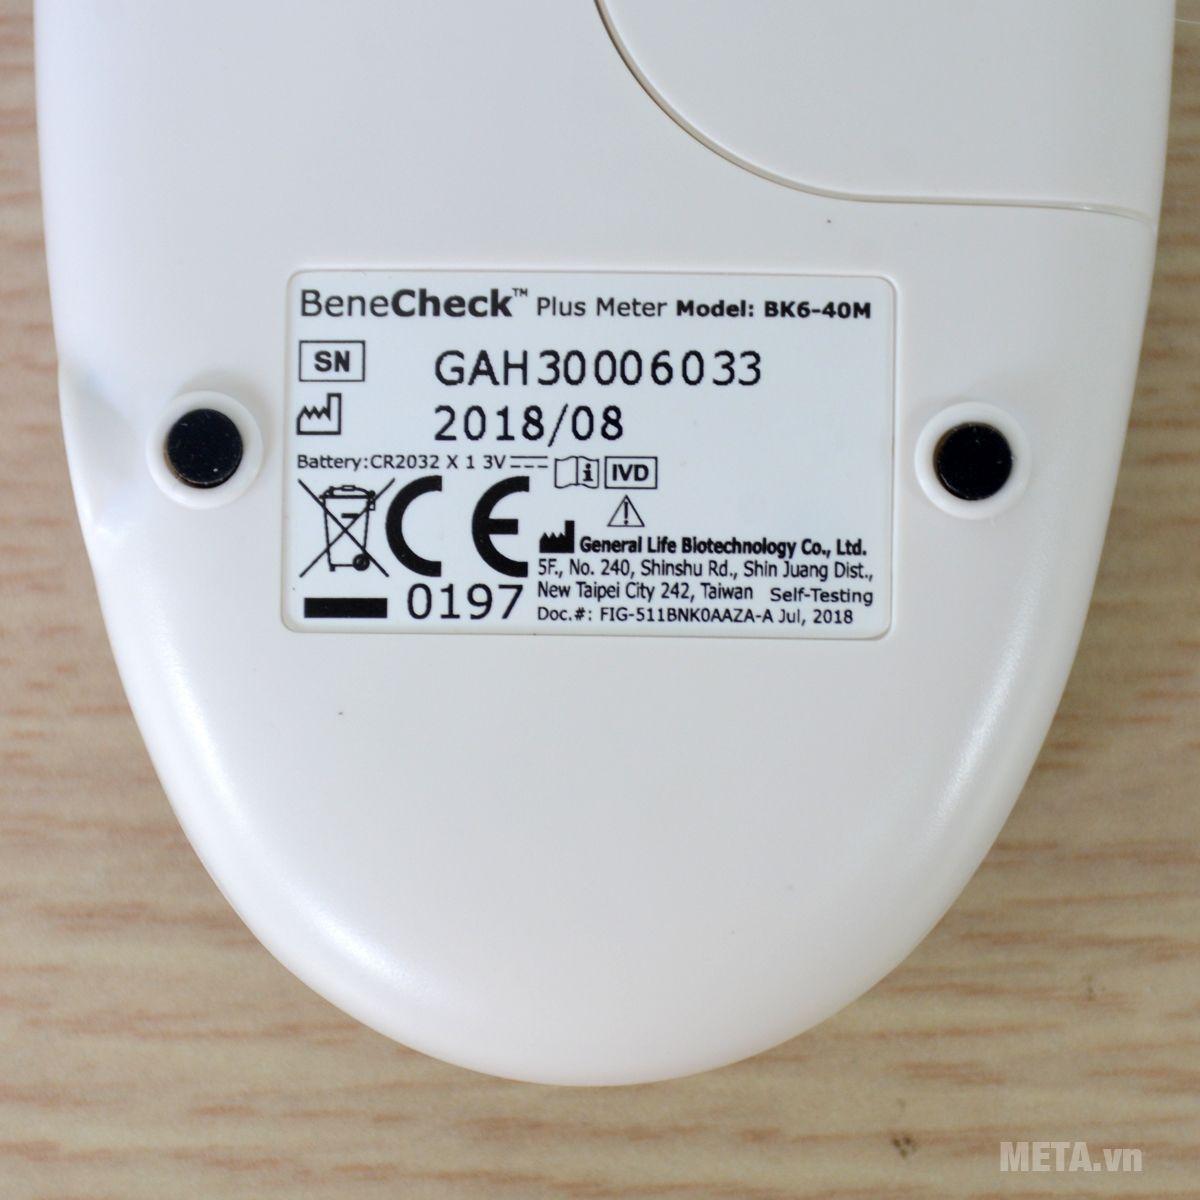 Một số thông số của máy đo đường huyết 3 trong 1 Benecheck Plus